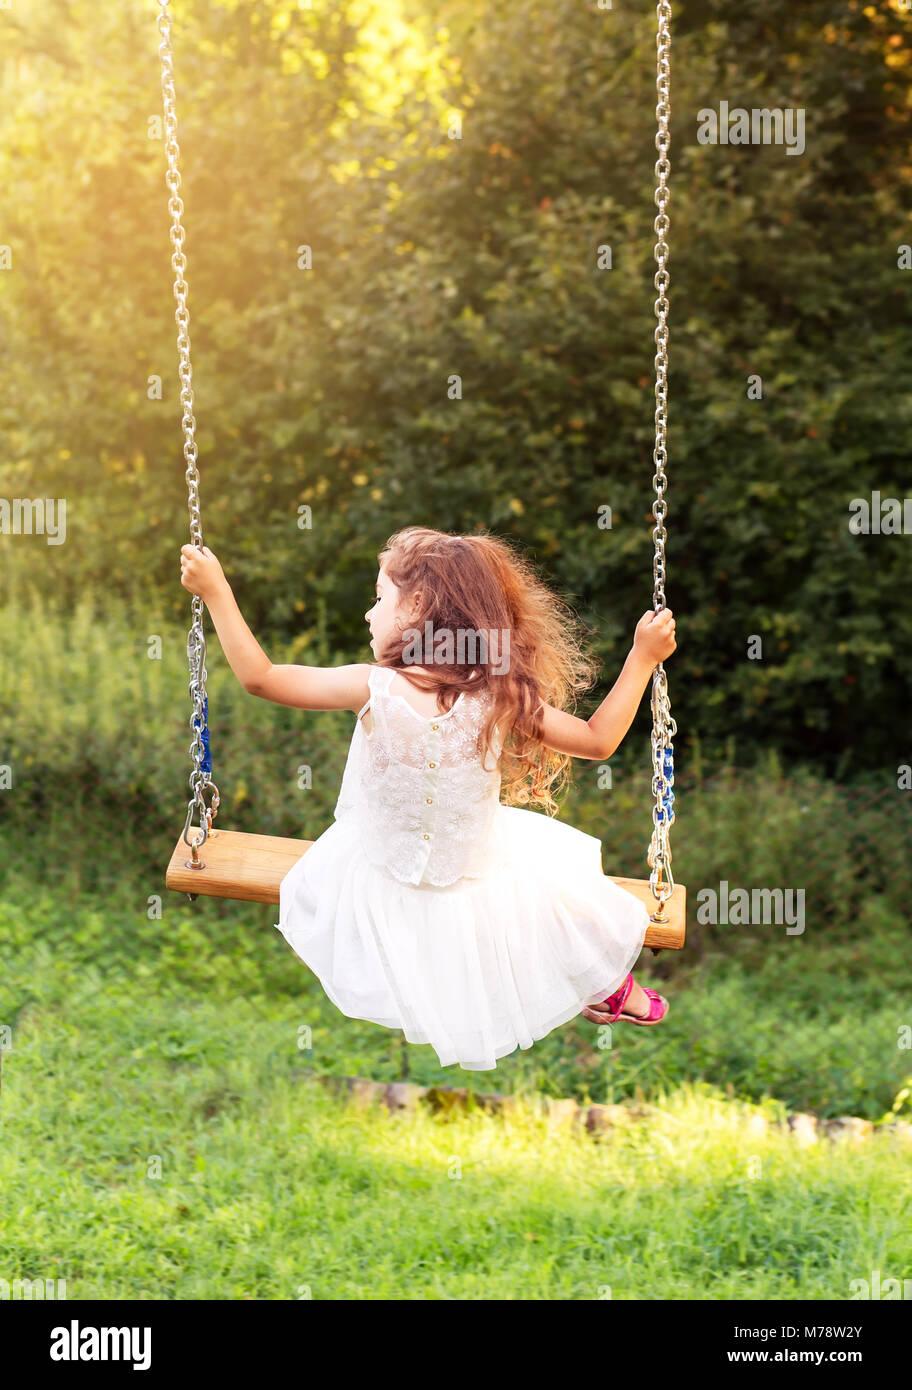 Gerne schöne kleine Mädchen sitzen auf Wippe am Sommer, Tag, Rückansicht Stockbild